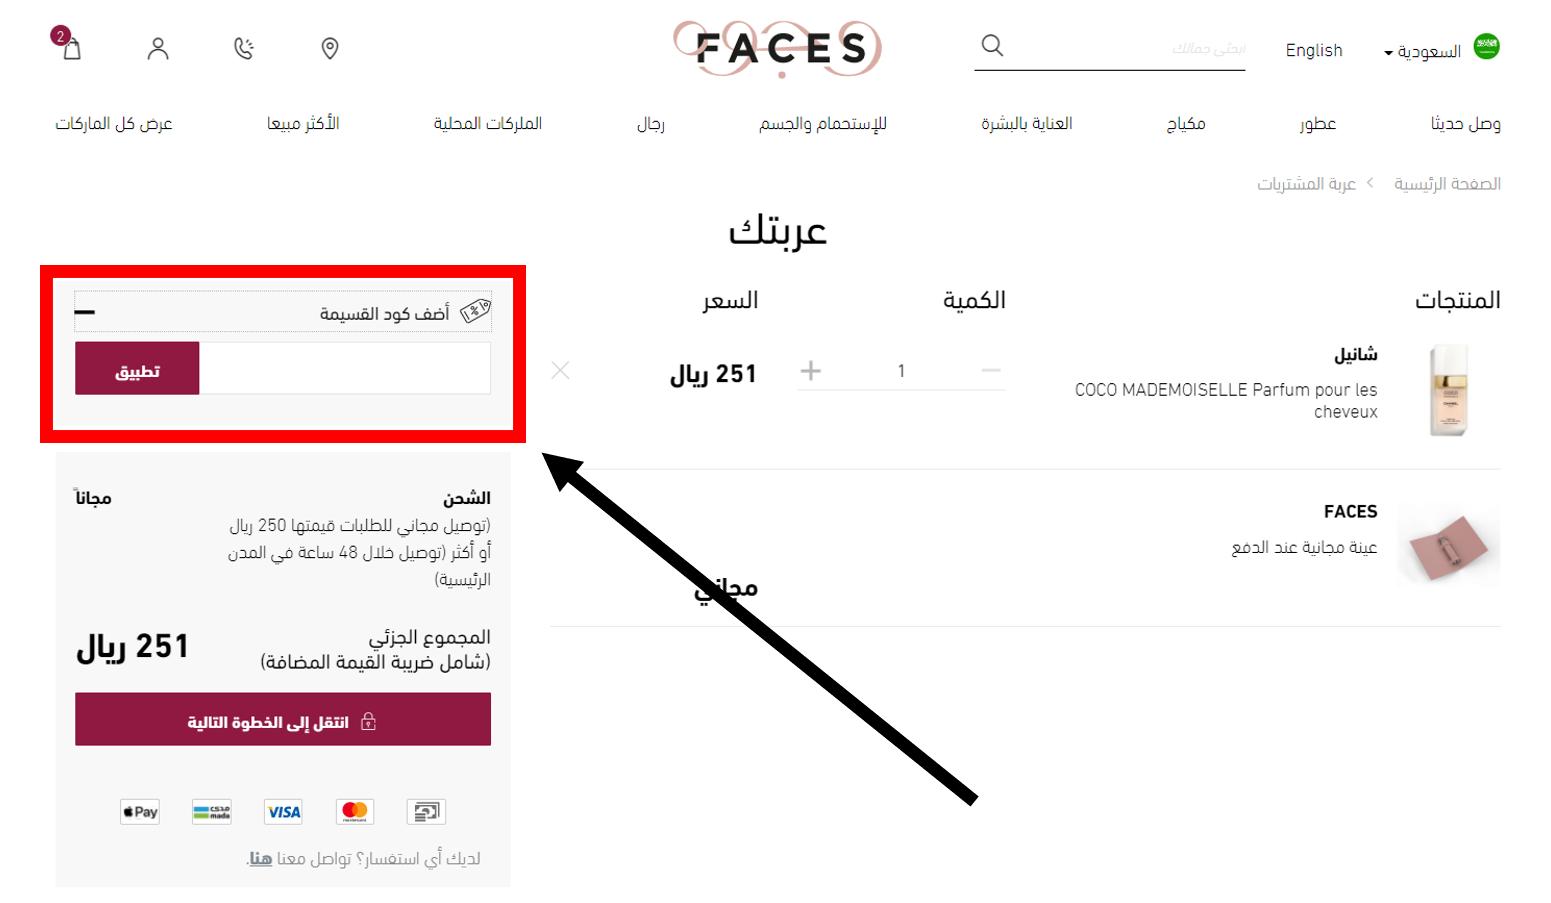 كود خصم وجوه faces كوبون خصم   كود خصم وجوه السعودية